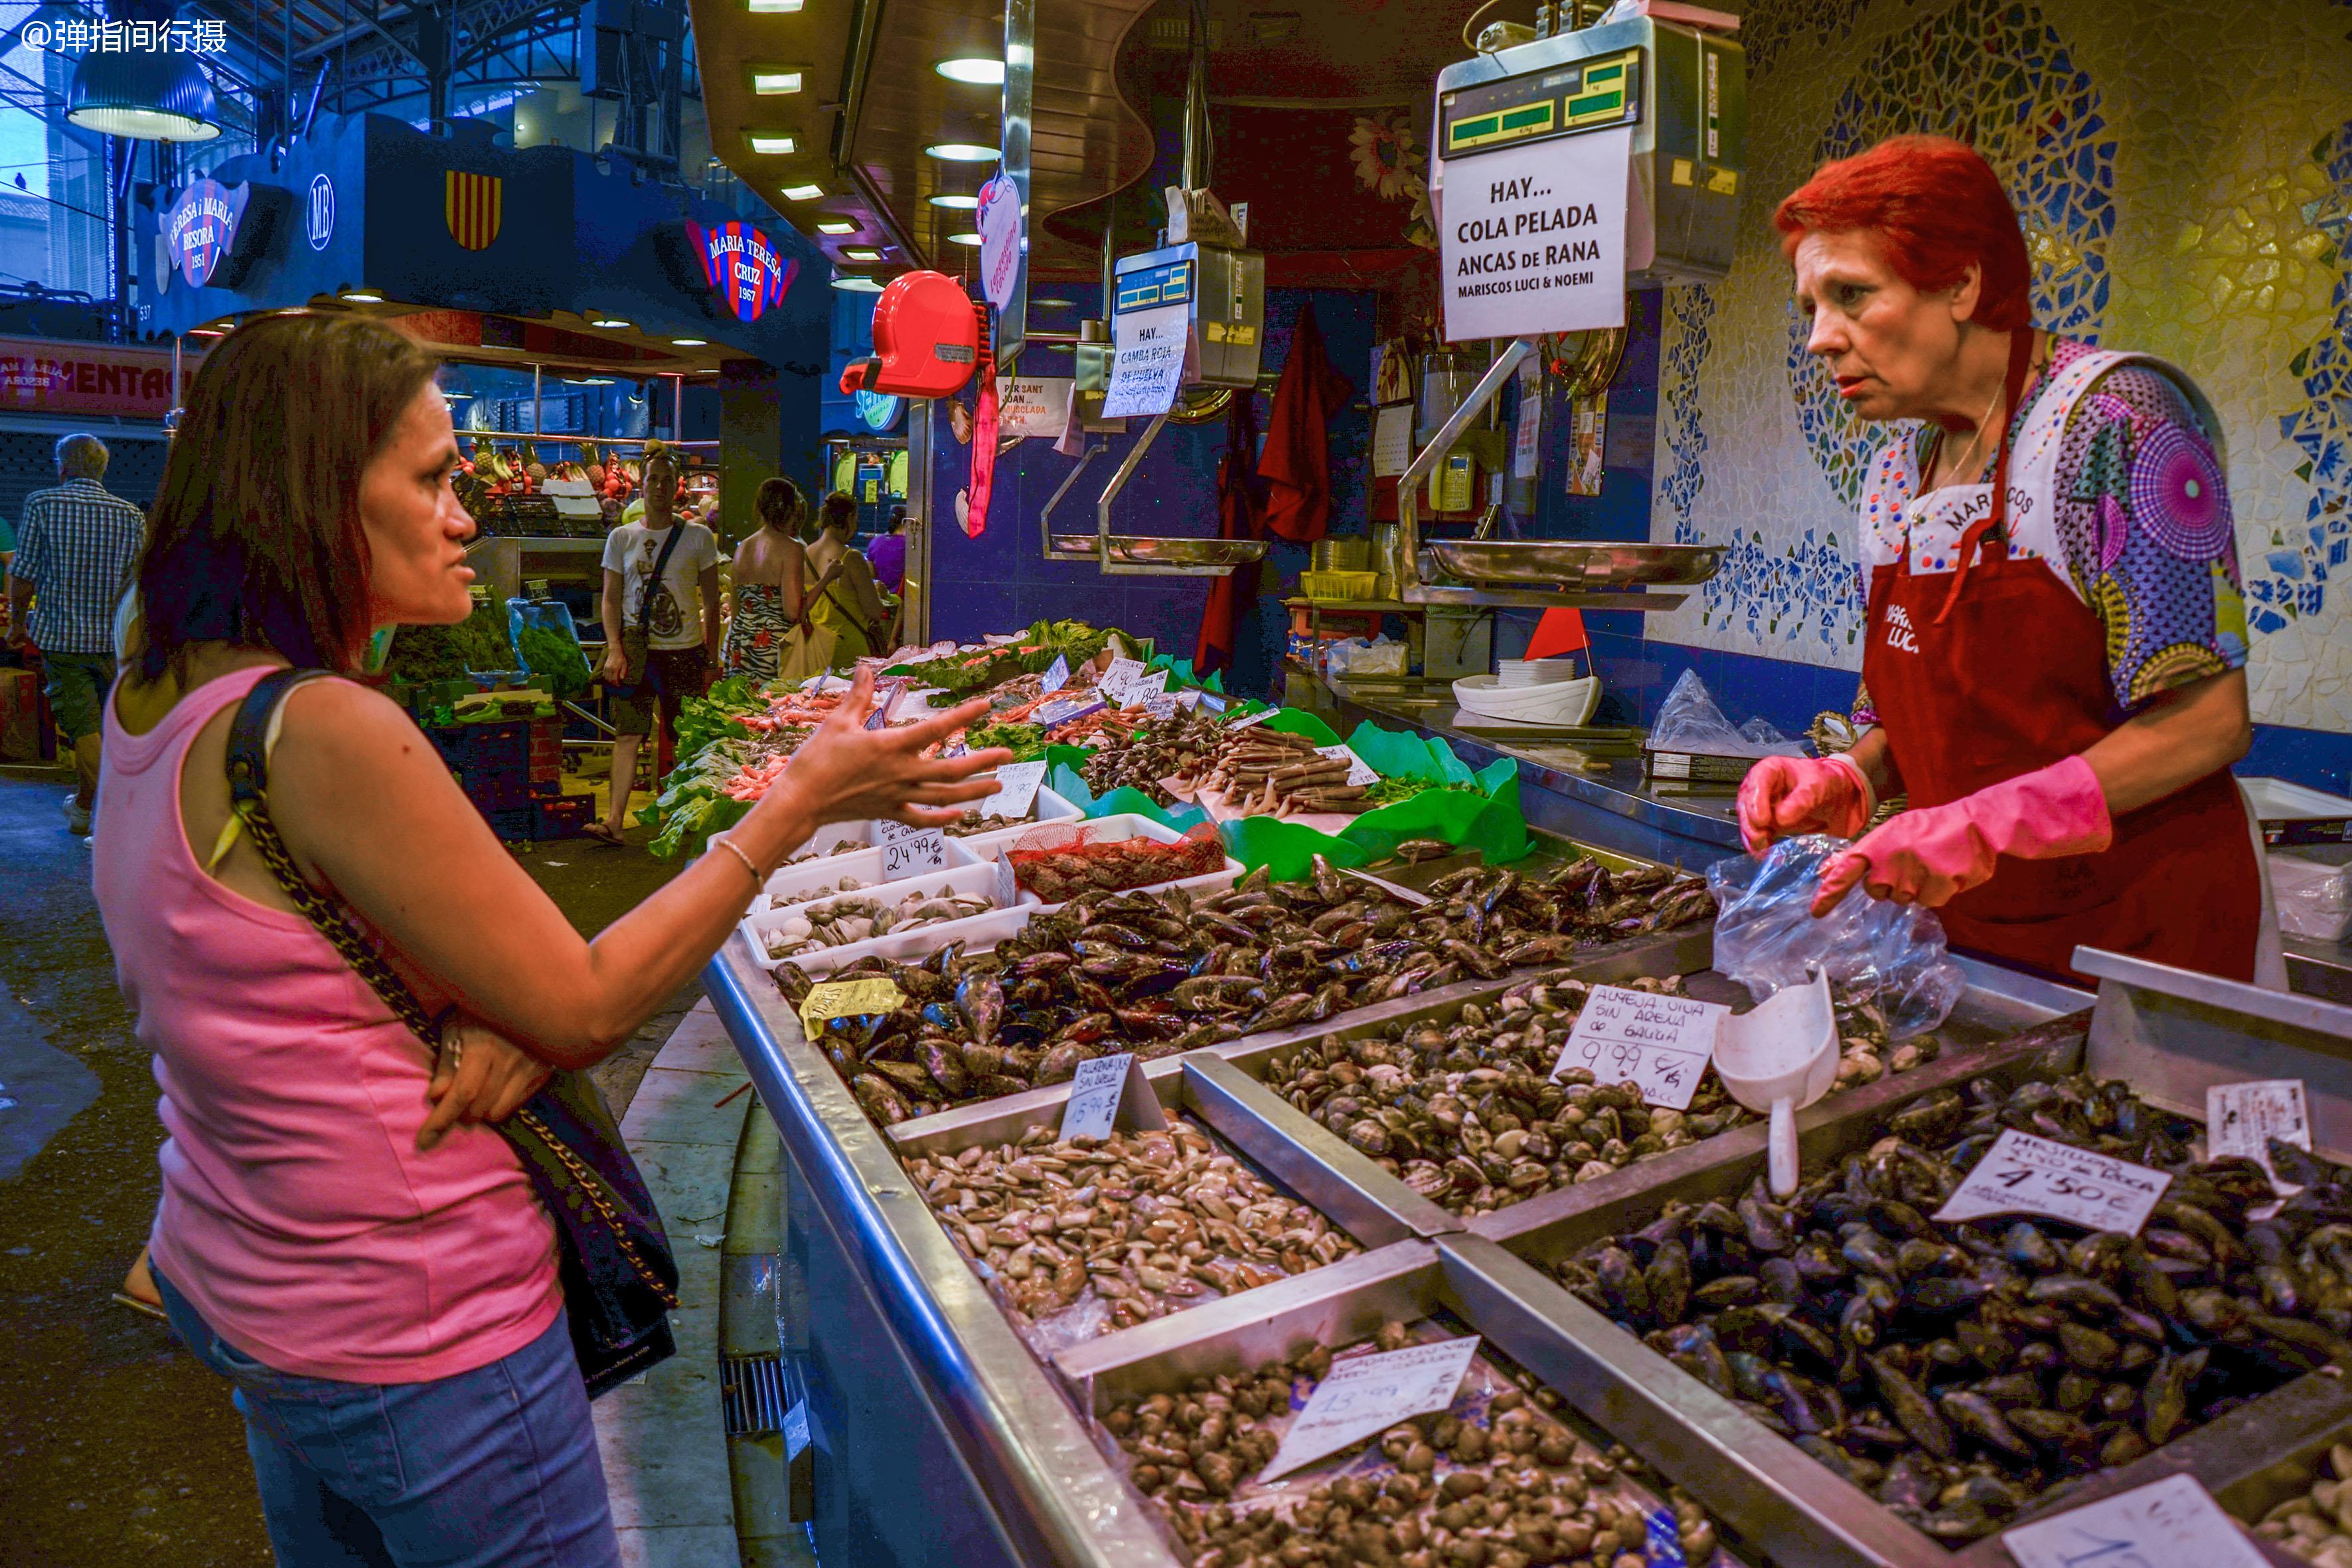 欧洲最大的菜市场,货品全价格低令人意外,且环境整洁有序无异味